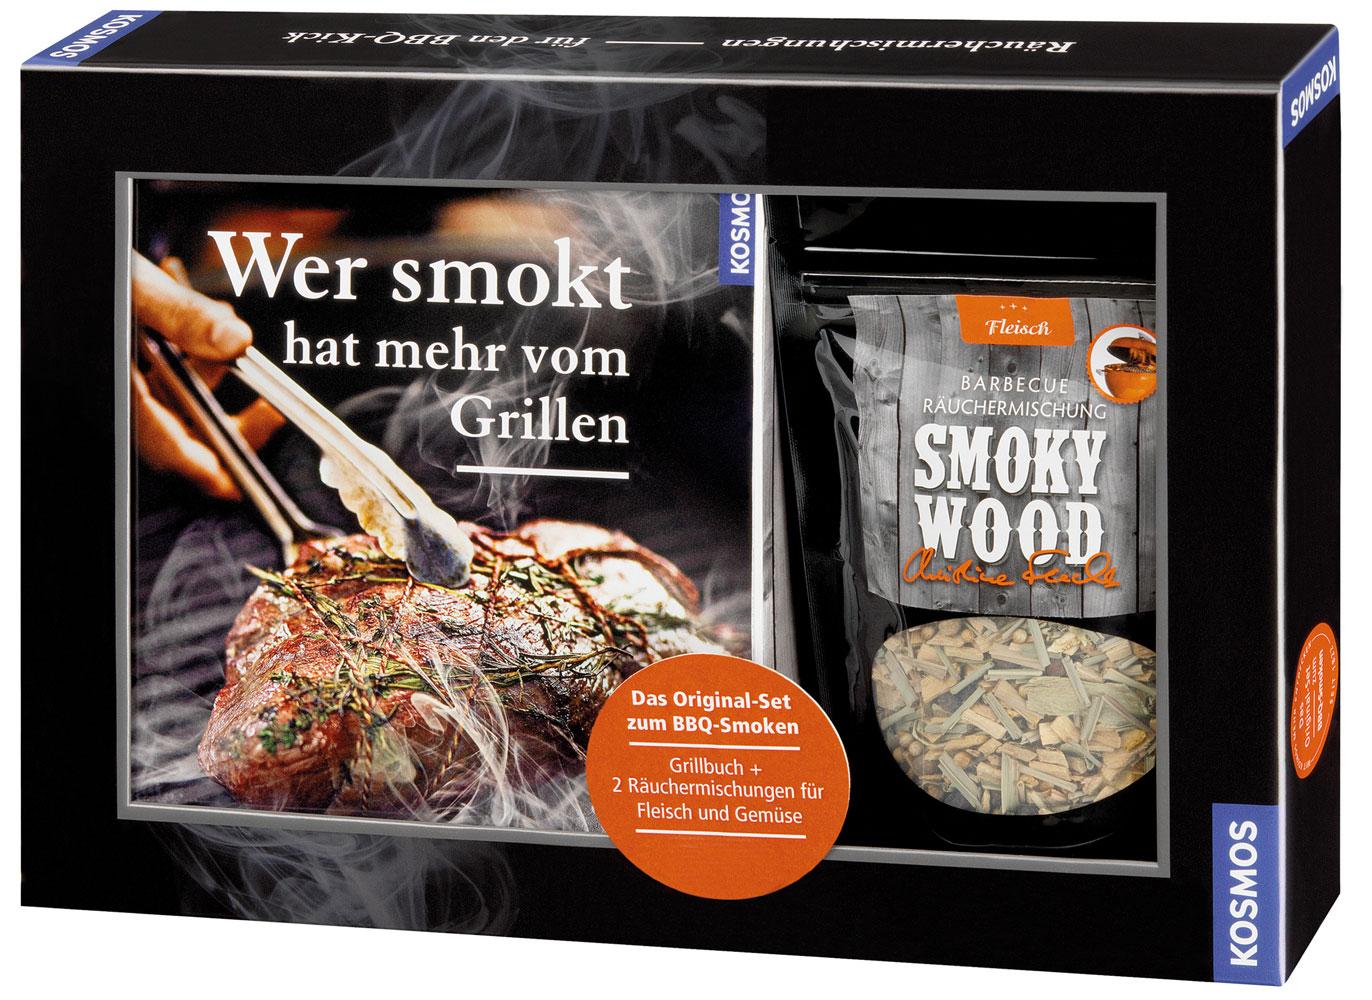 Räuchermischung / Räucherkräuter Barbecue BBQ Boss inkl. Grillbuch Bild 1